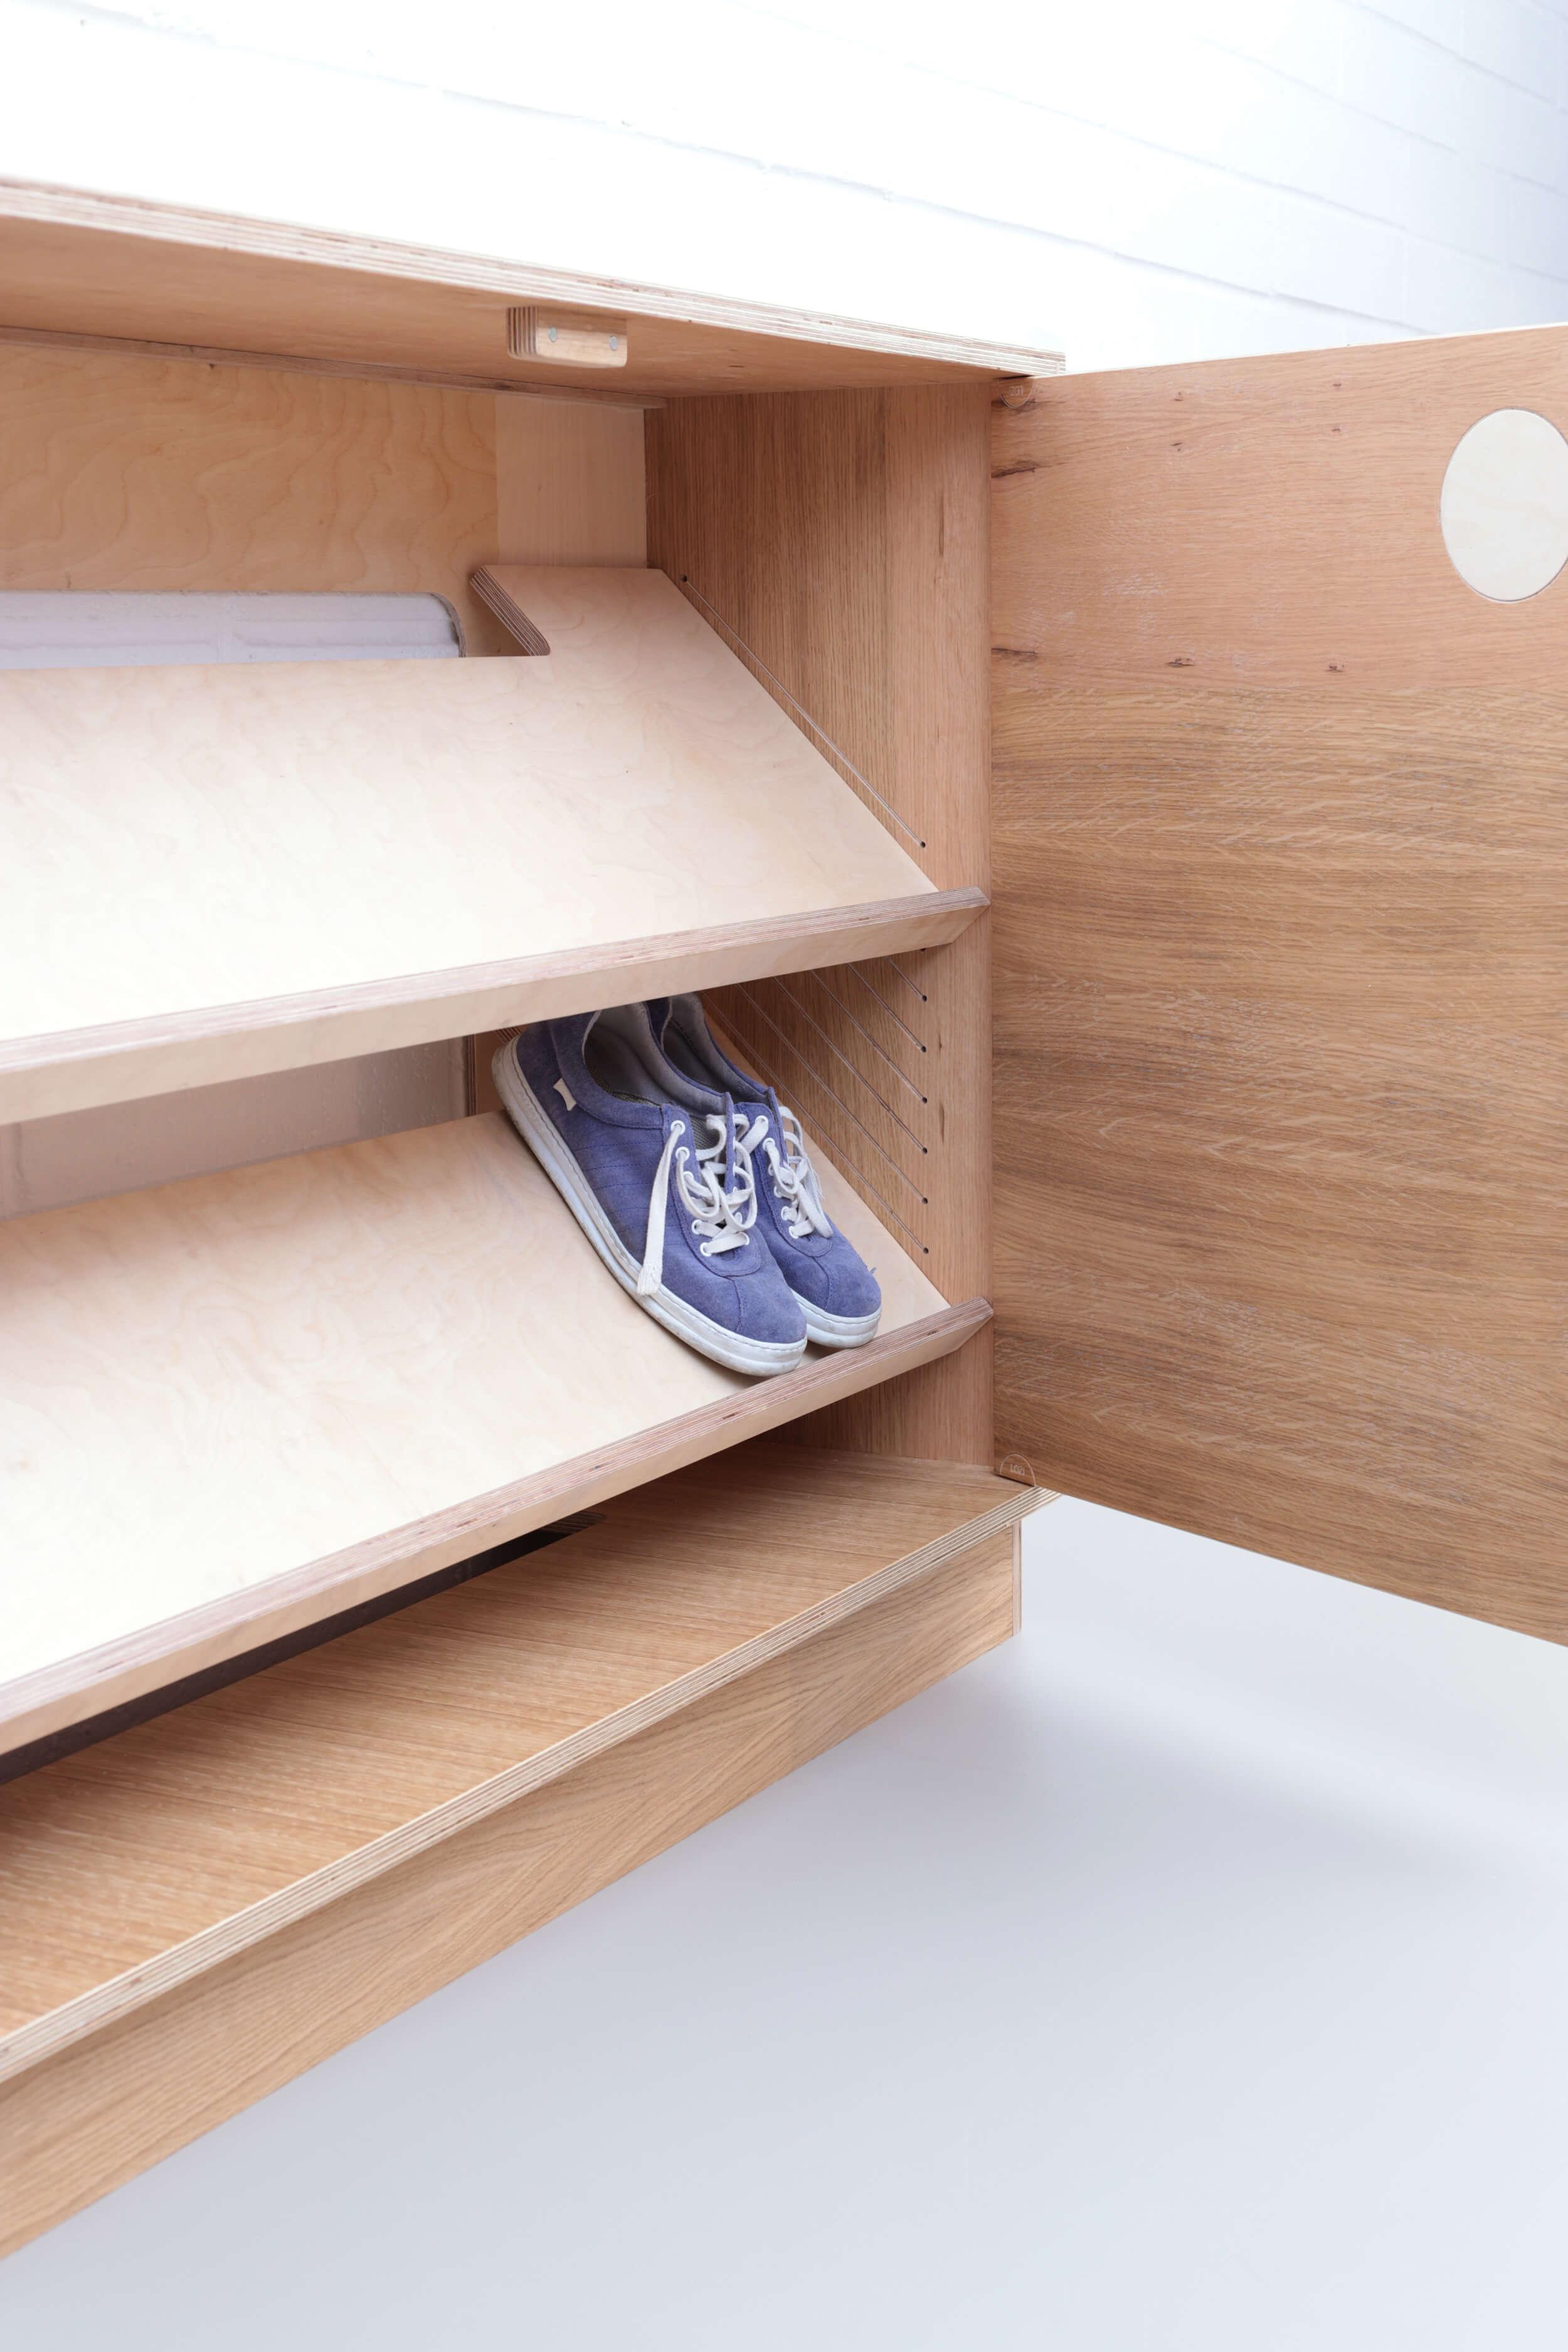 Order 417 - Ewa Turek - Shoe Storage4 WEB.jpg